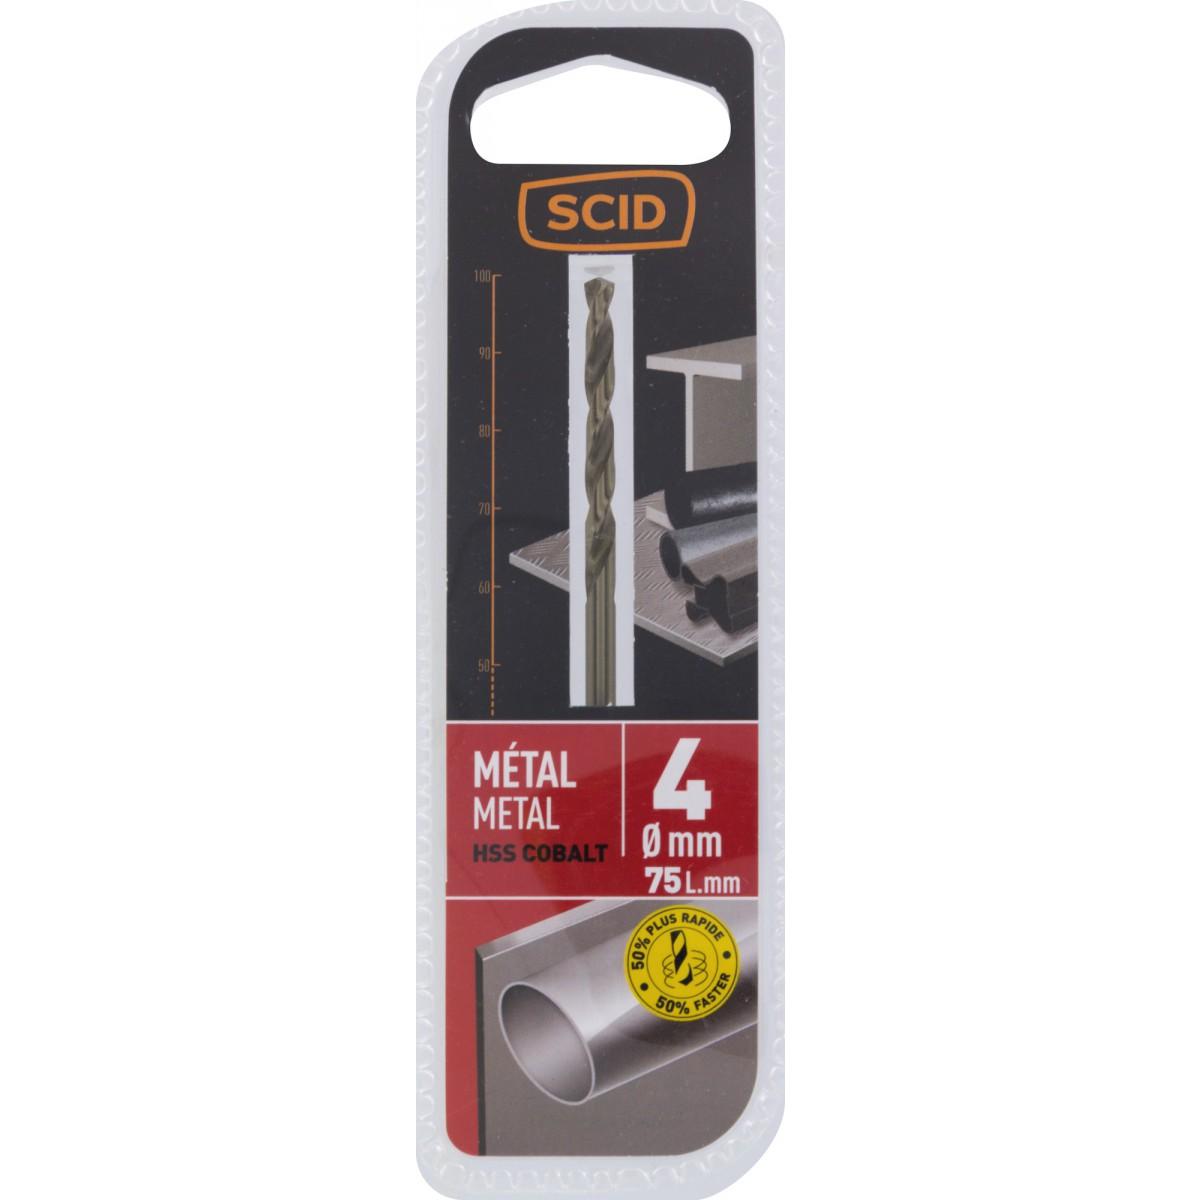 Foret métal HSS cobalt SCID - Longueur 75 mm - Diamètre 4 mm